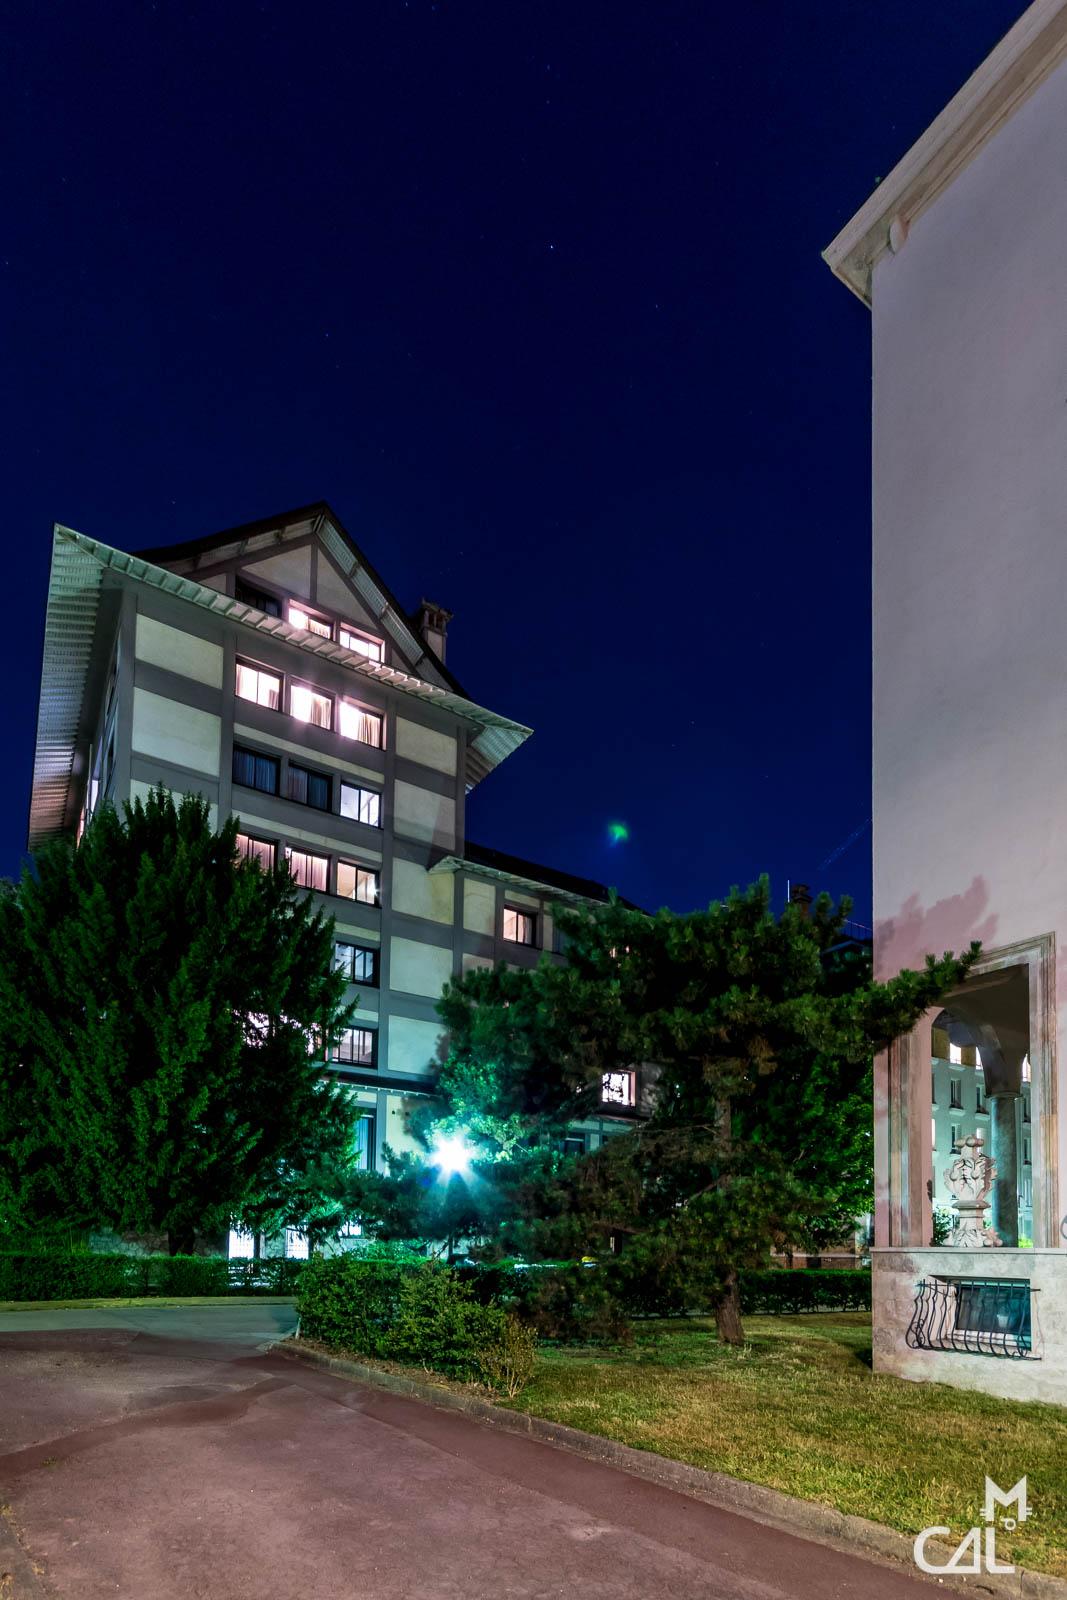 Cit universitaire maison du japon dominant la maison de for Maison de norvege cite universitaire